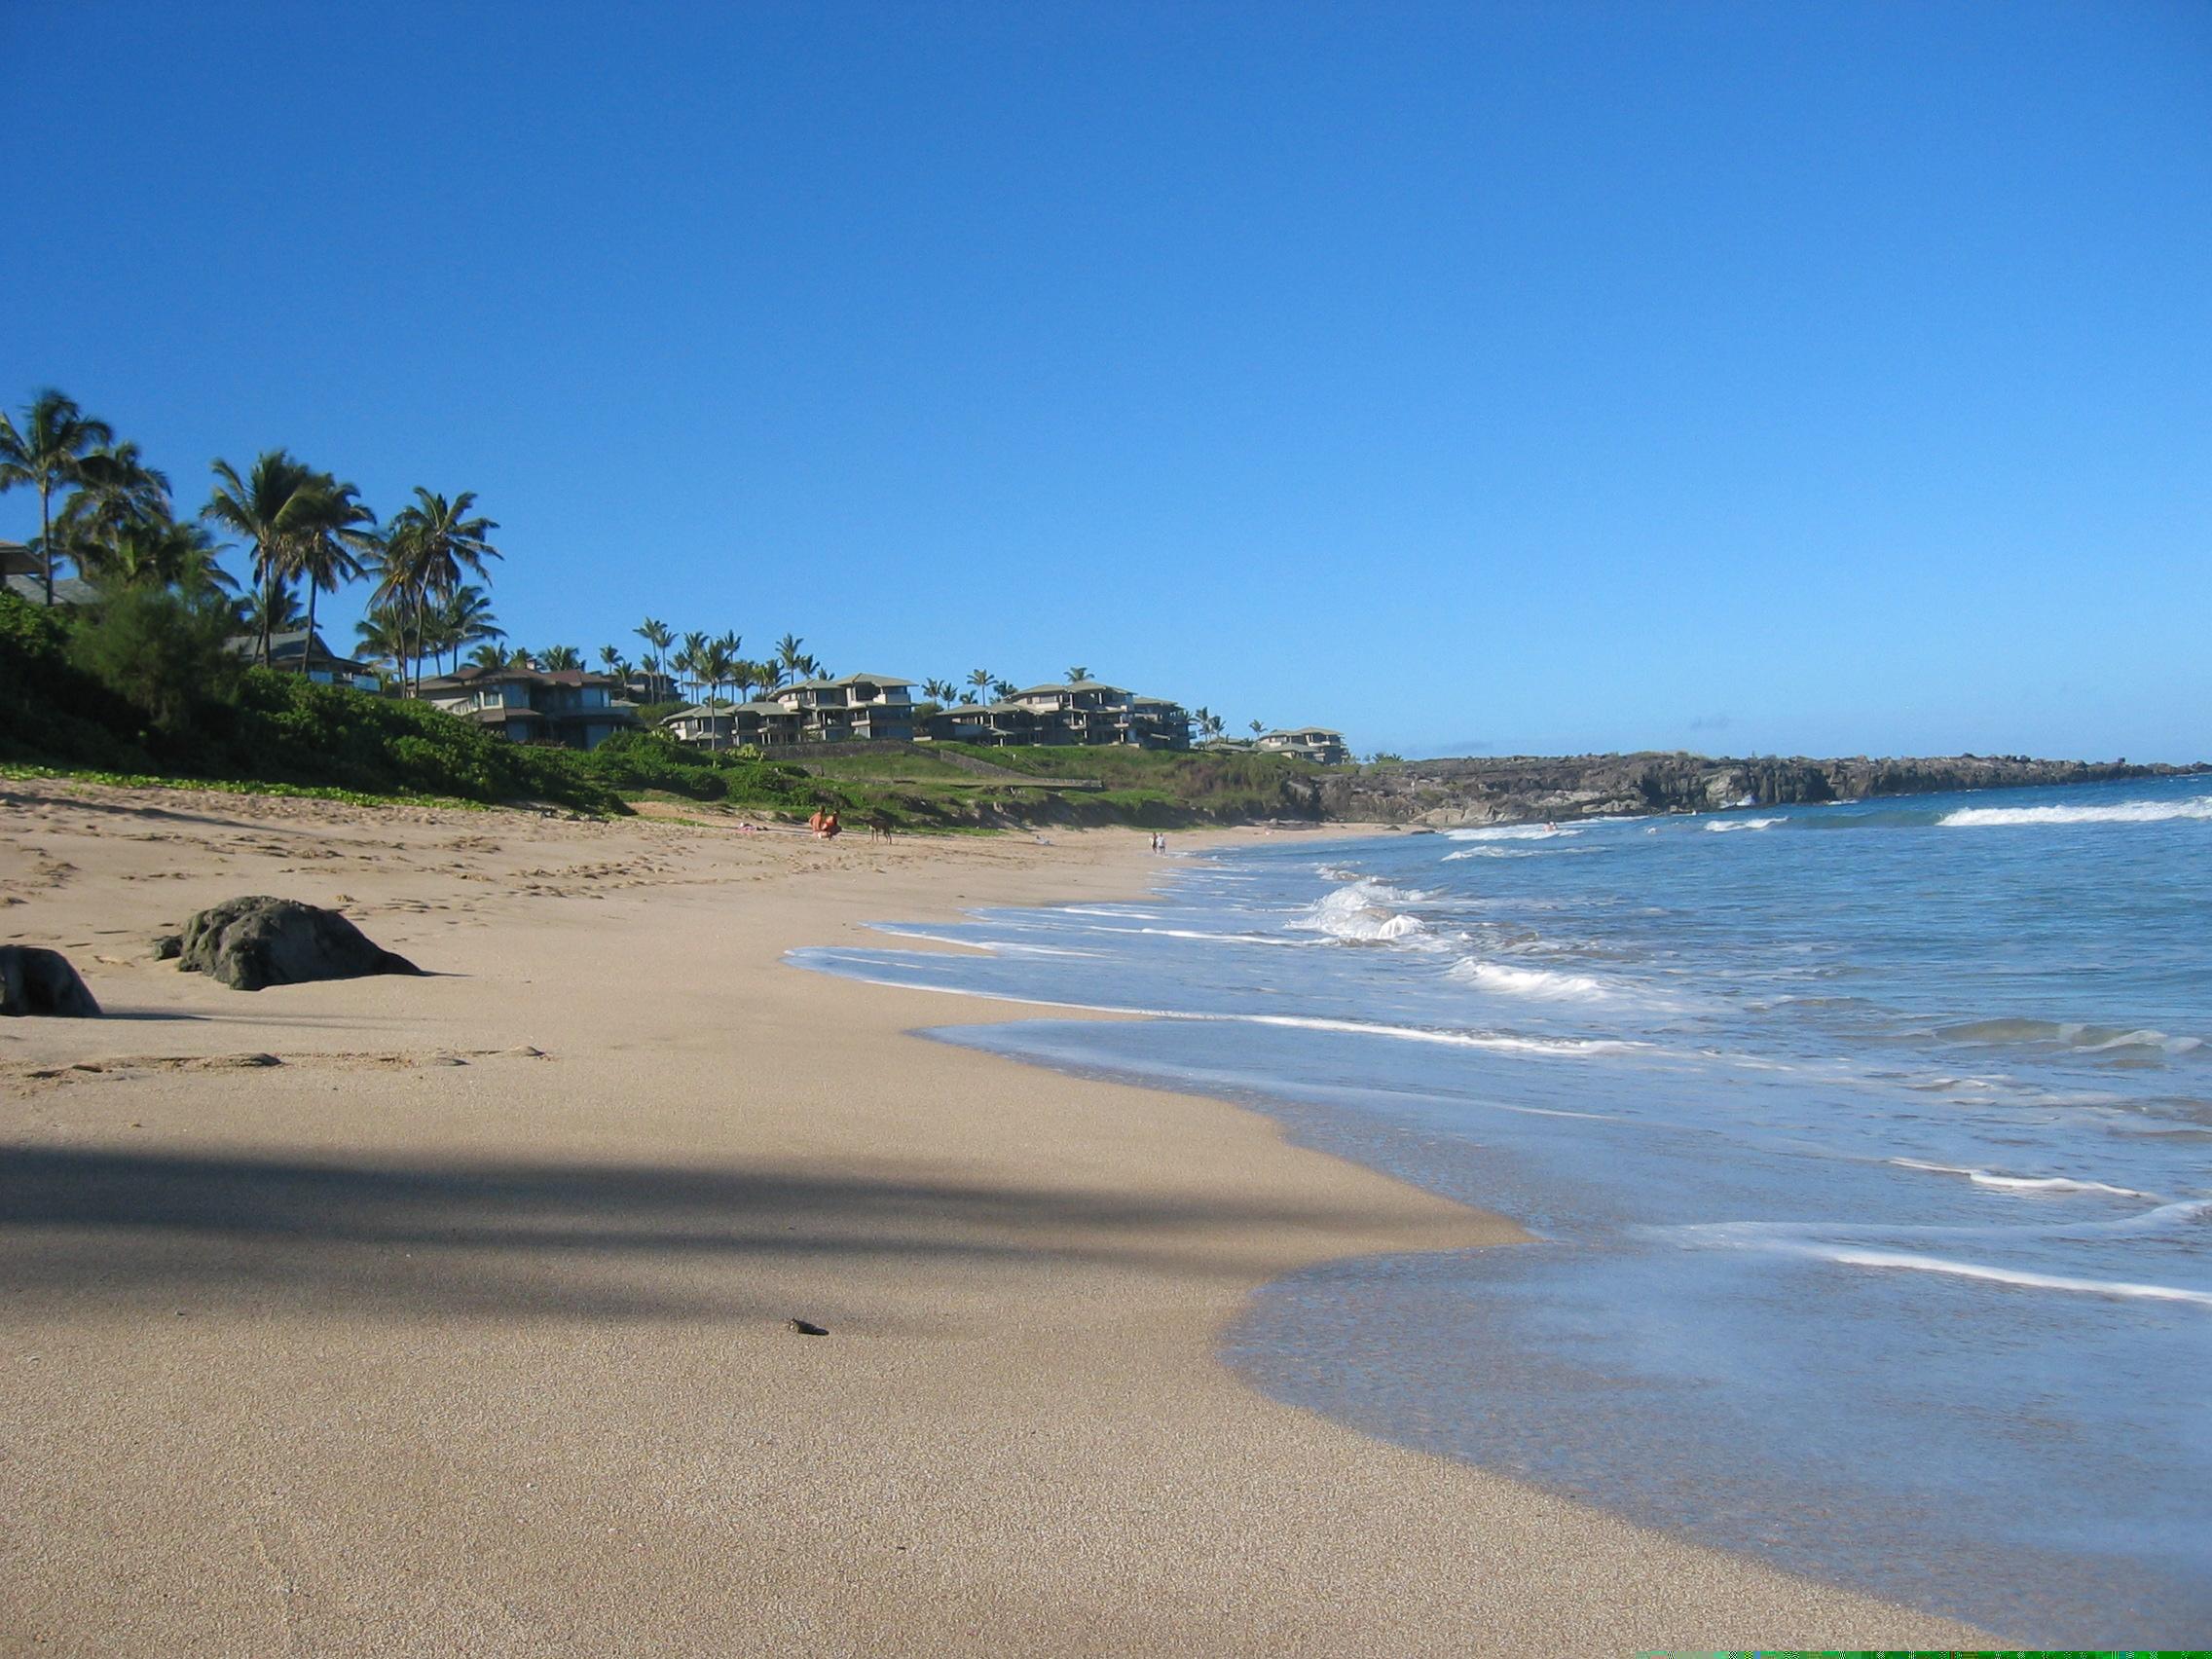 Oneloa Bay